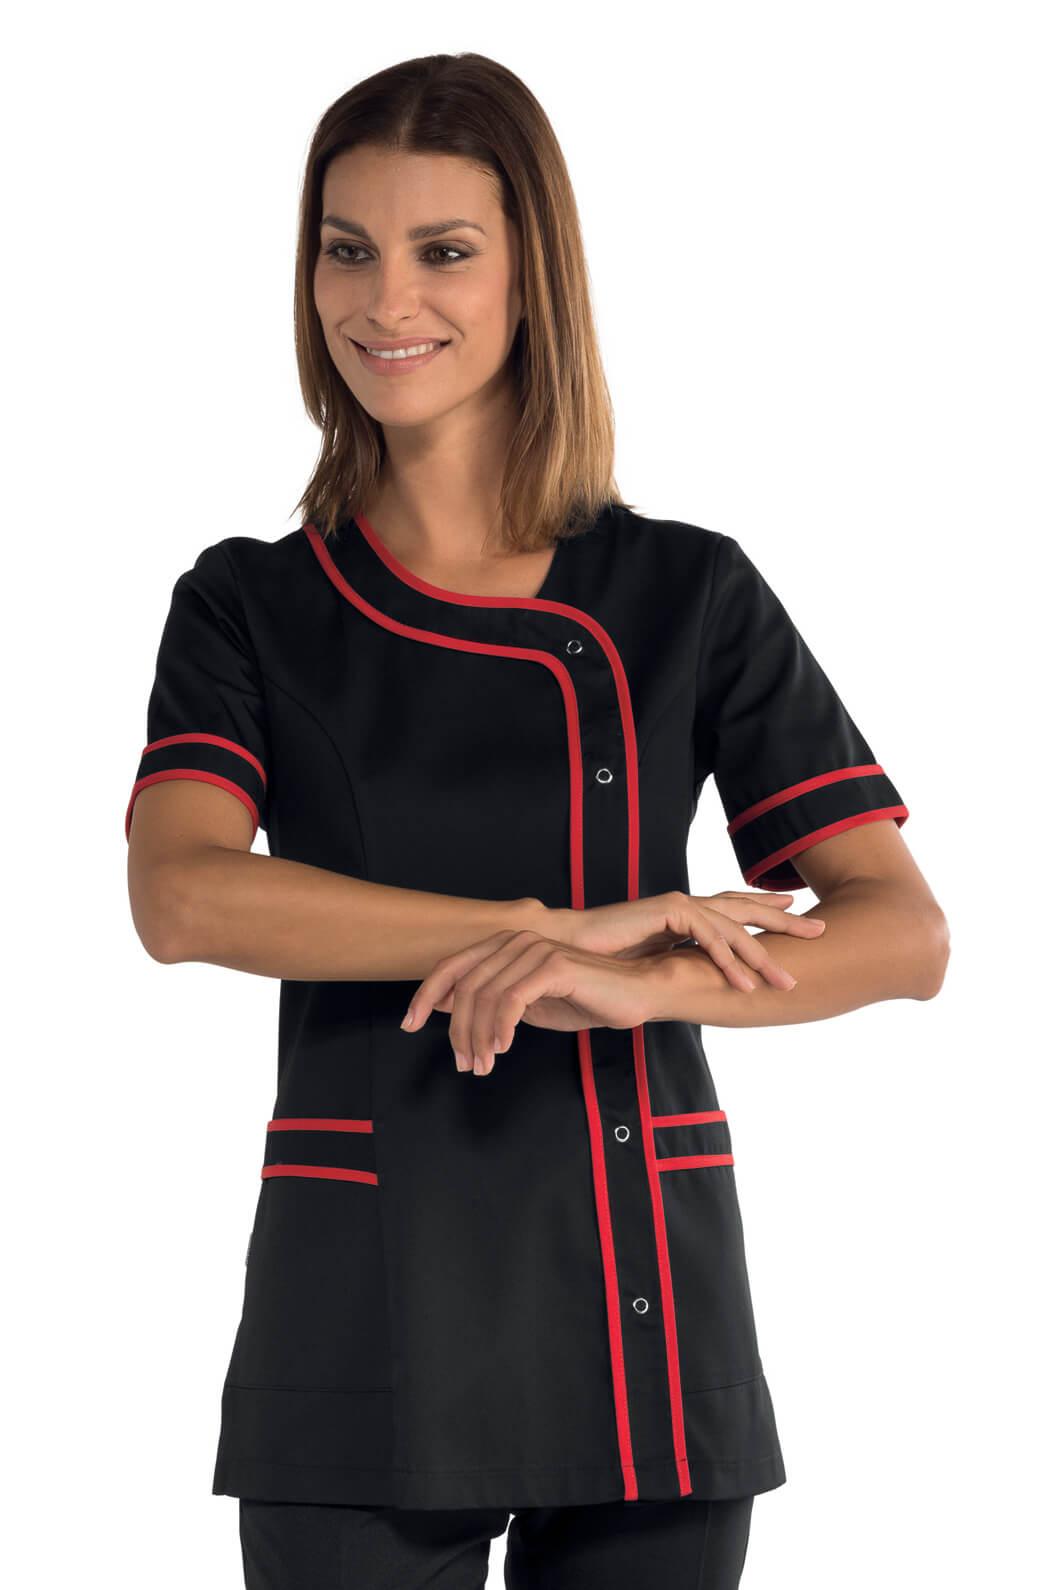 Fit4work pour avoir la tenue médicale adaptée